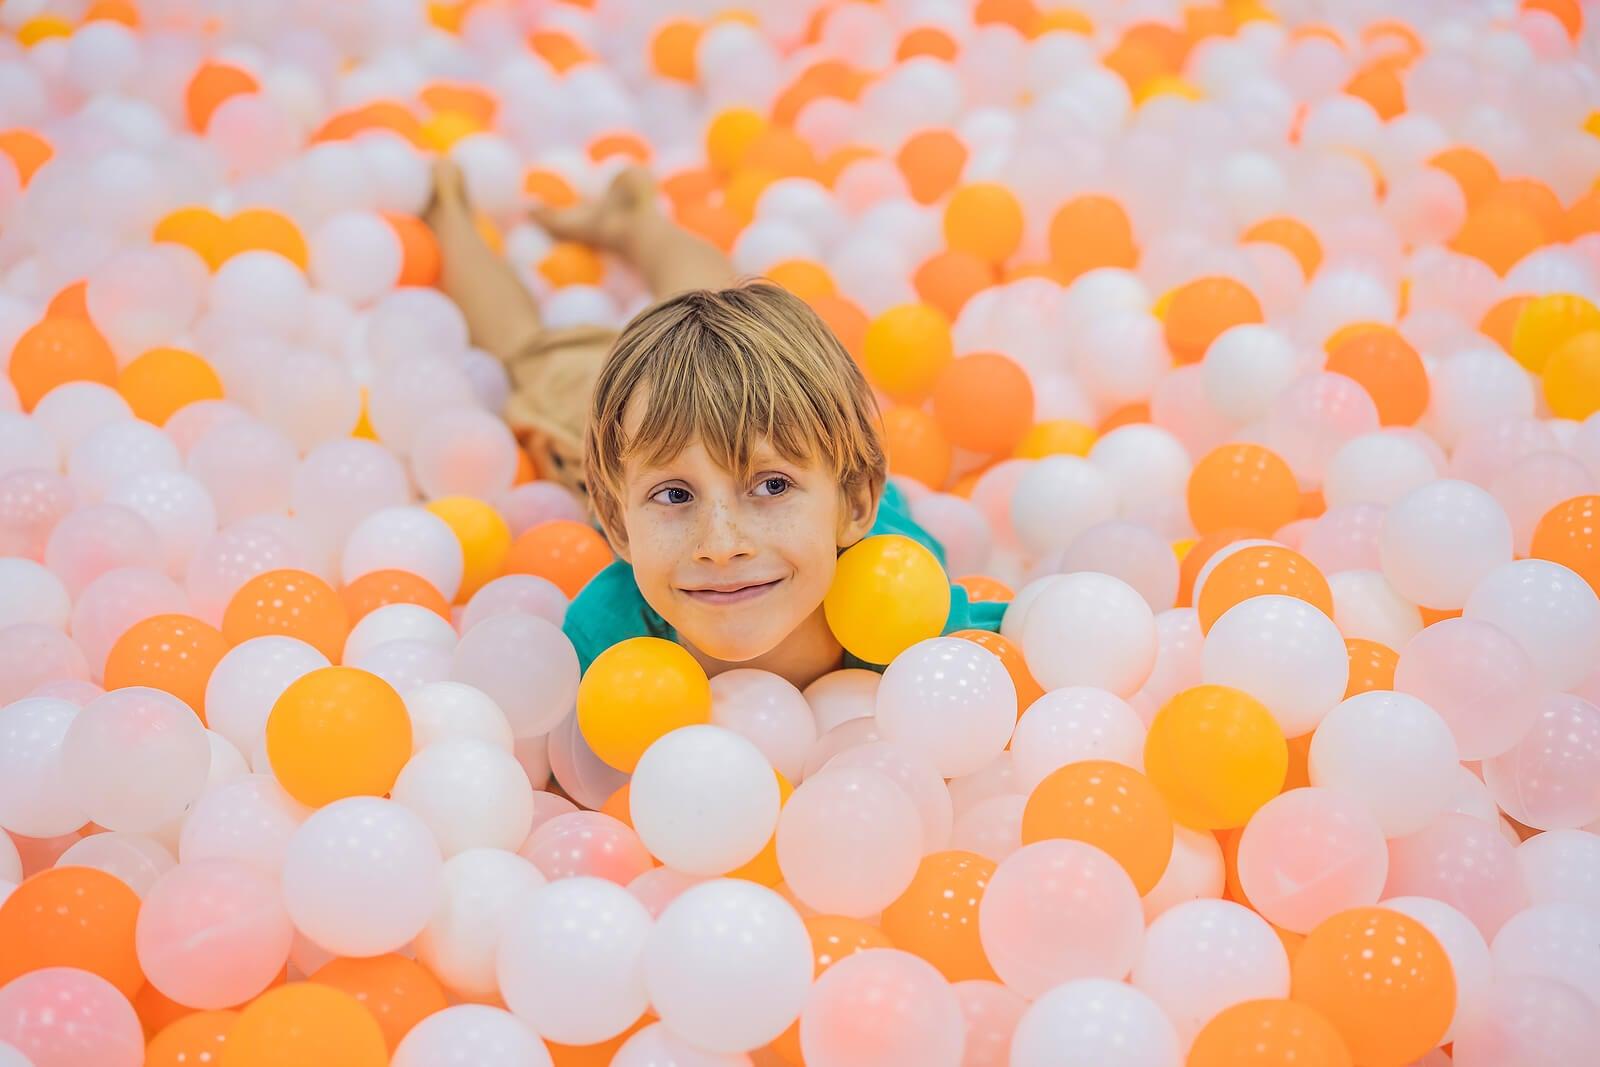 Niño jugando en un parque de bolas.